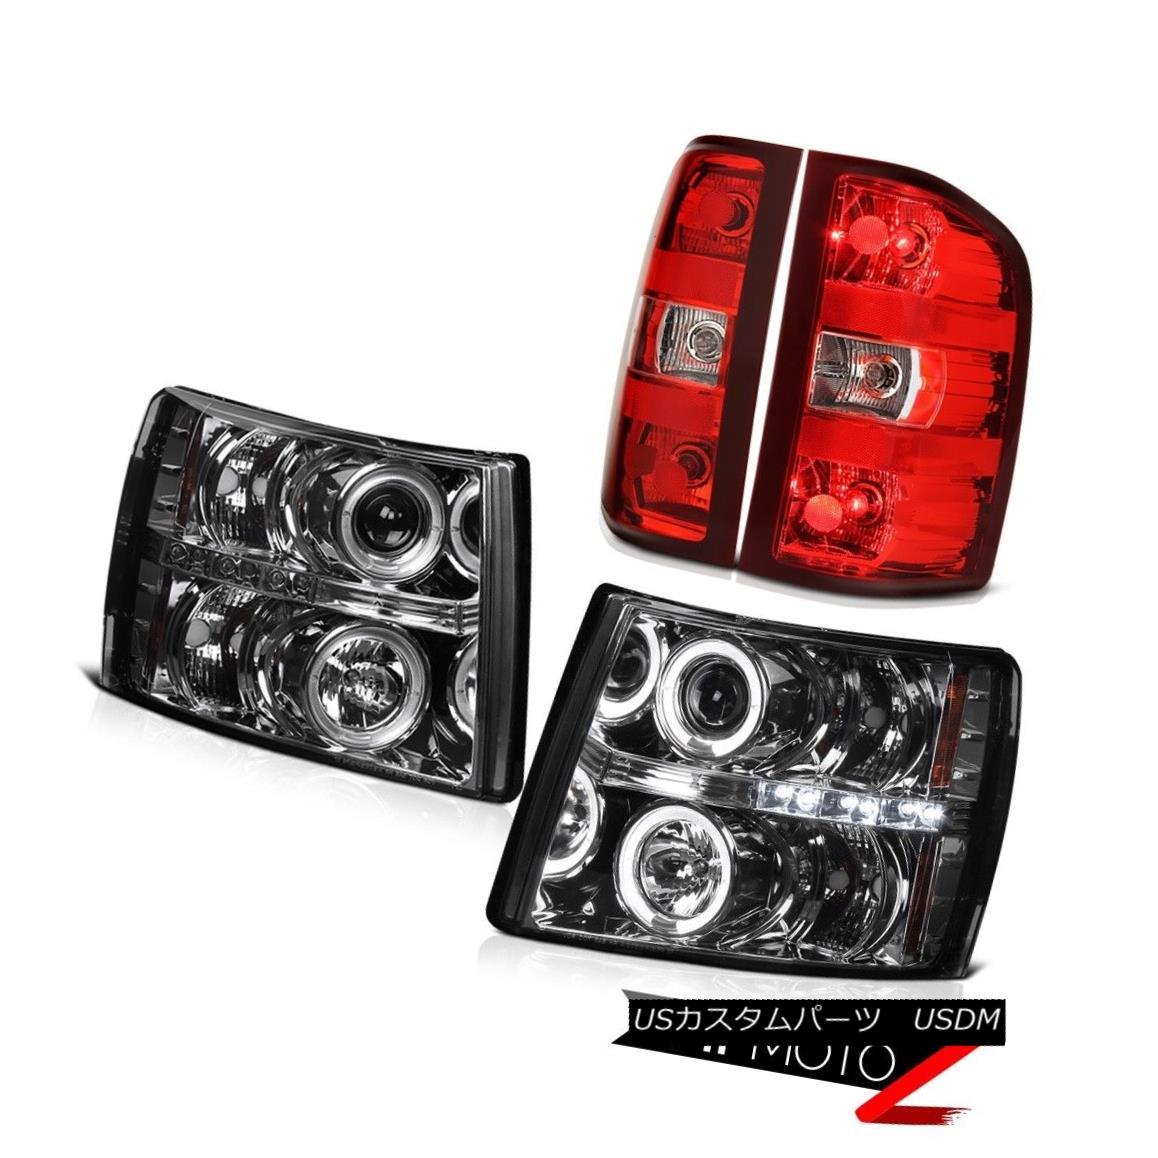 ヘッドライト 2007-2013 Silverado Ls Red Clear Rear Brake Lights Graphite Smoke Headlamps LED 2007-2013 Silverado Lsレッドクリアリアブレーキライト黒鉛煙ヘッドランプLED